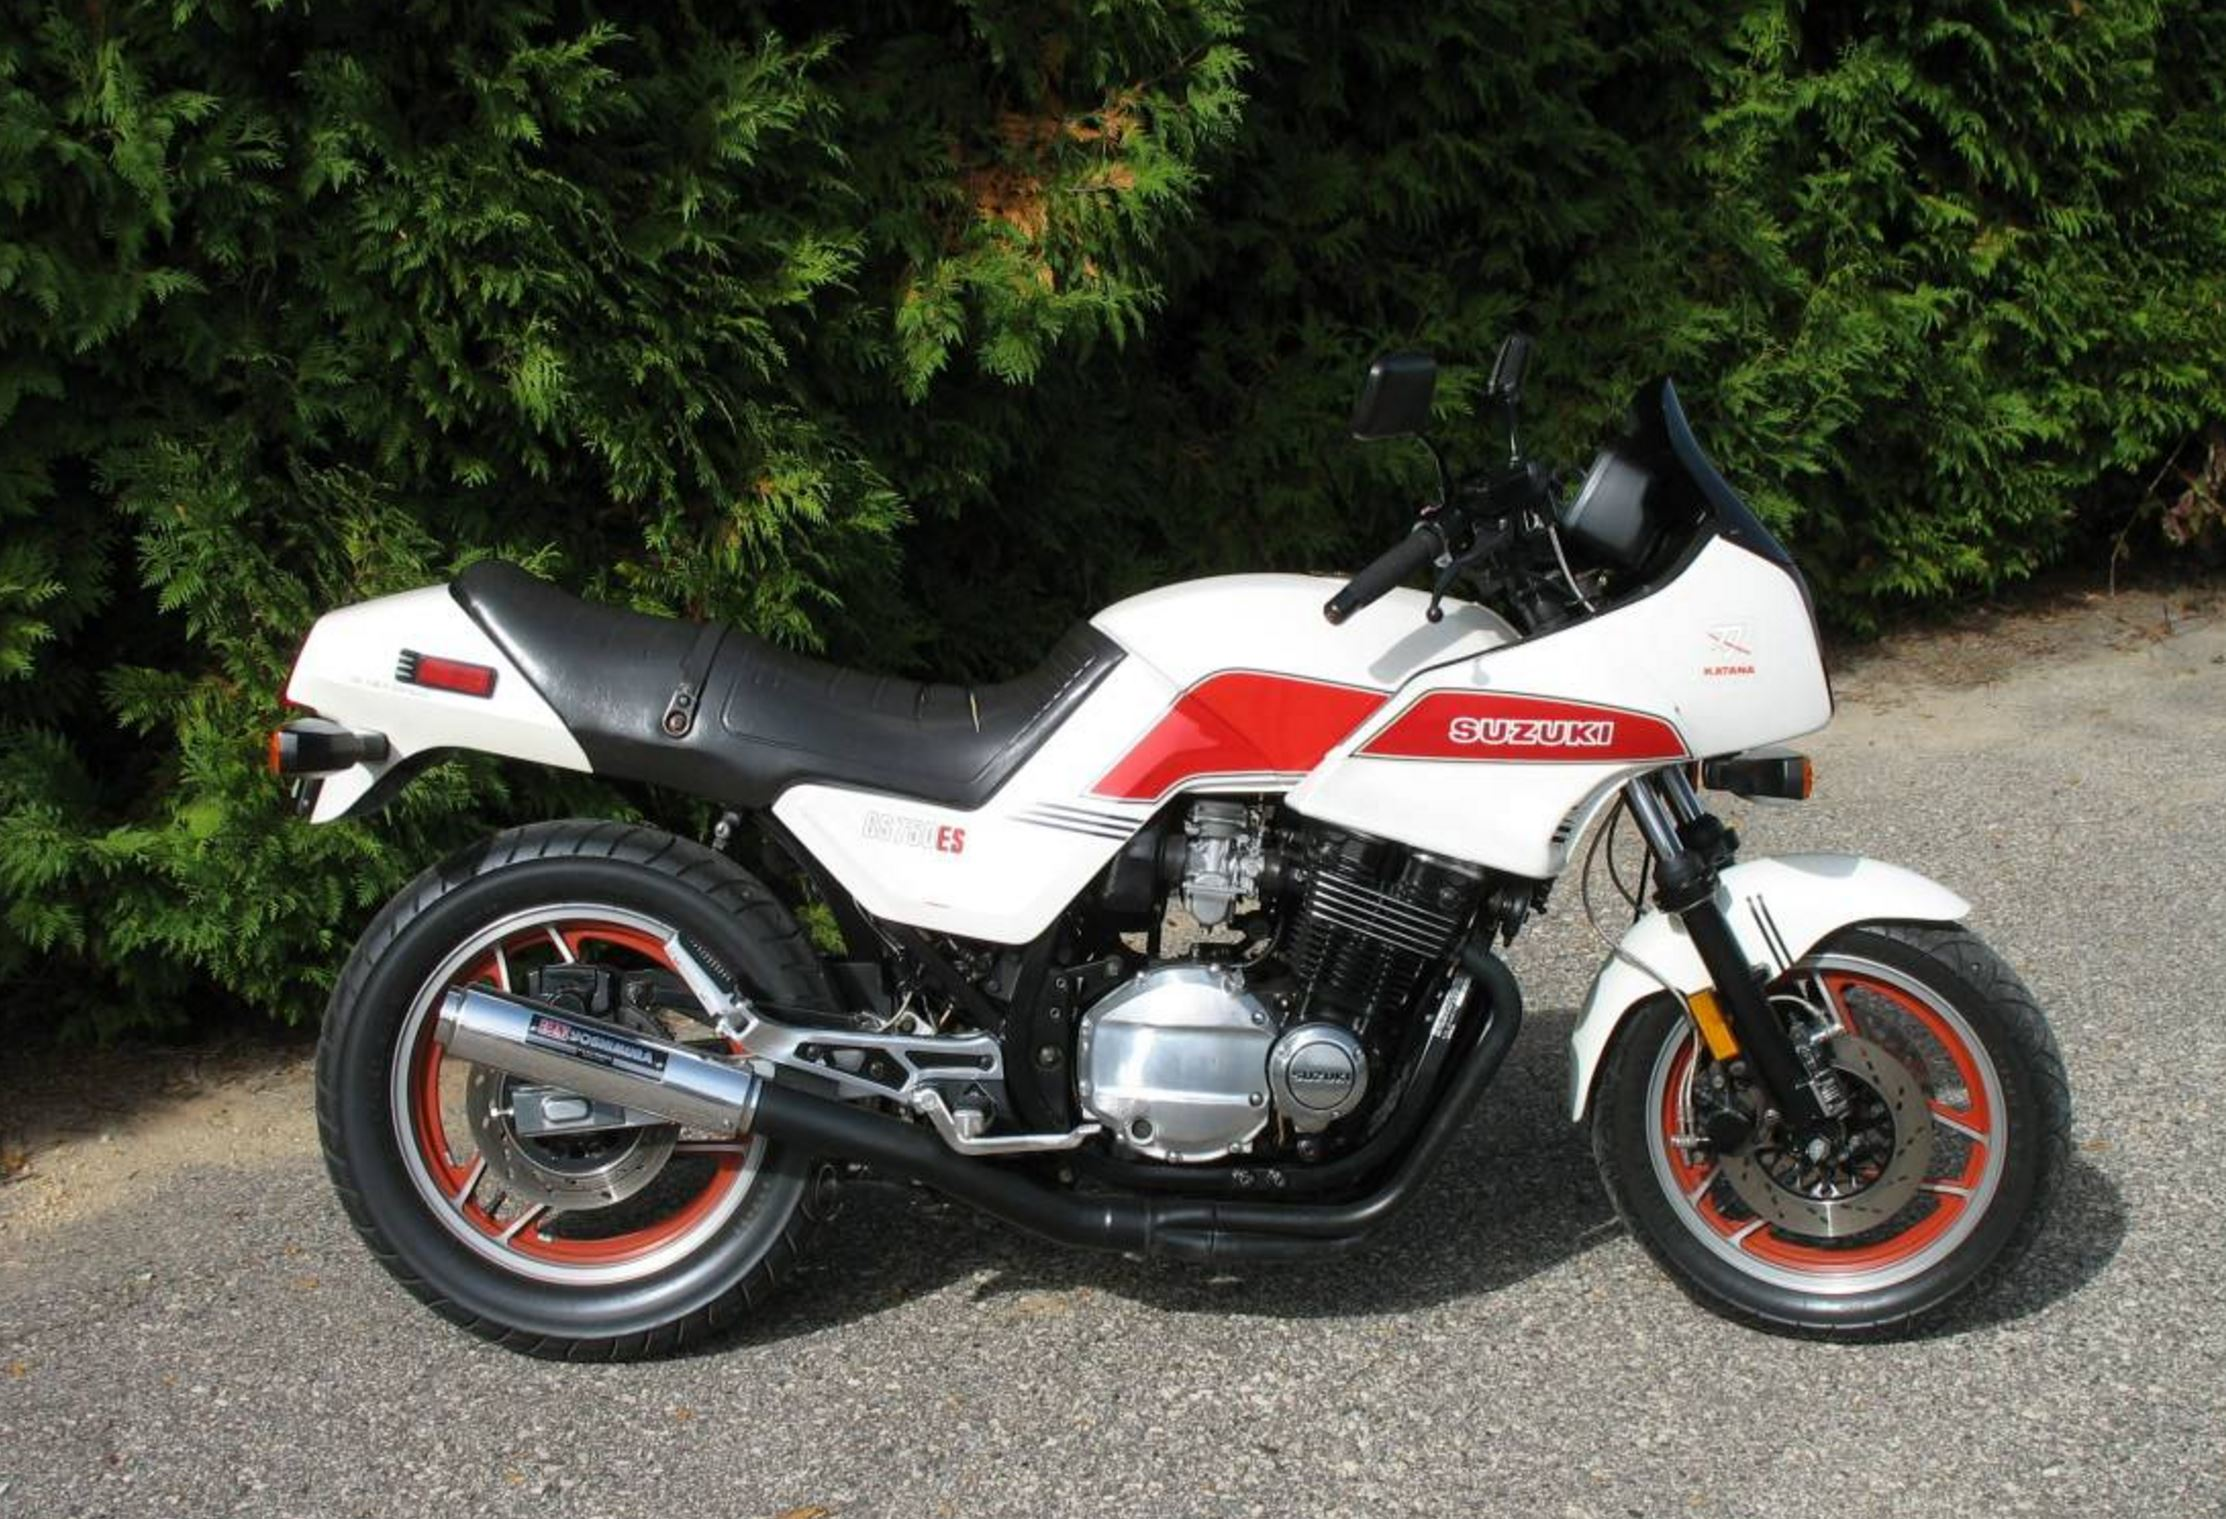 1983 suzuki gs750es by - photo #7